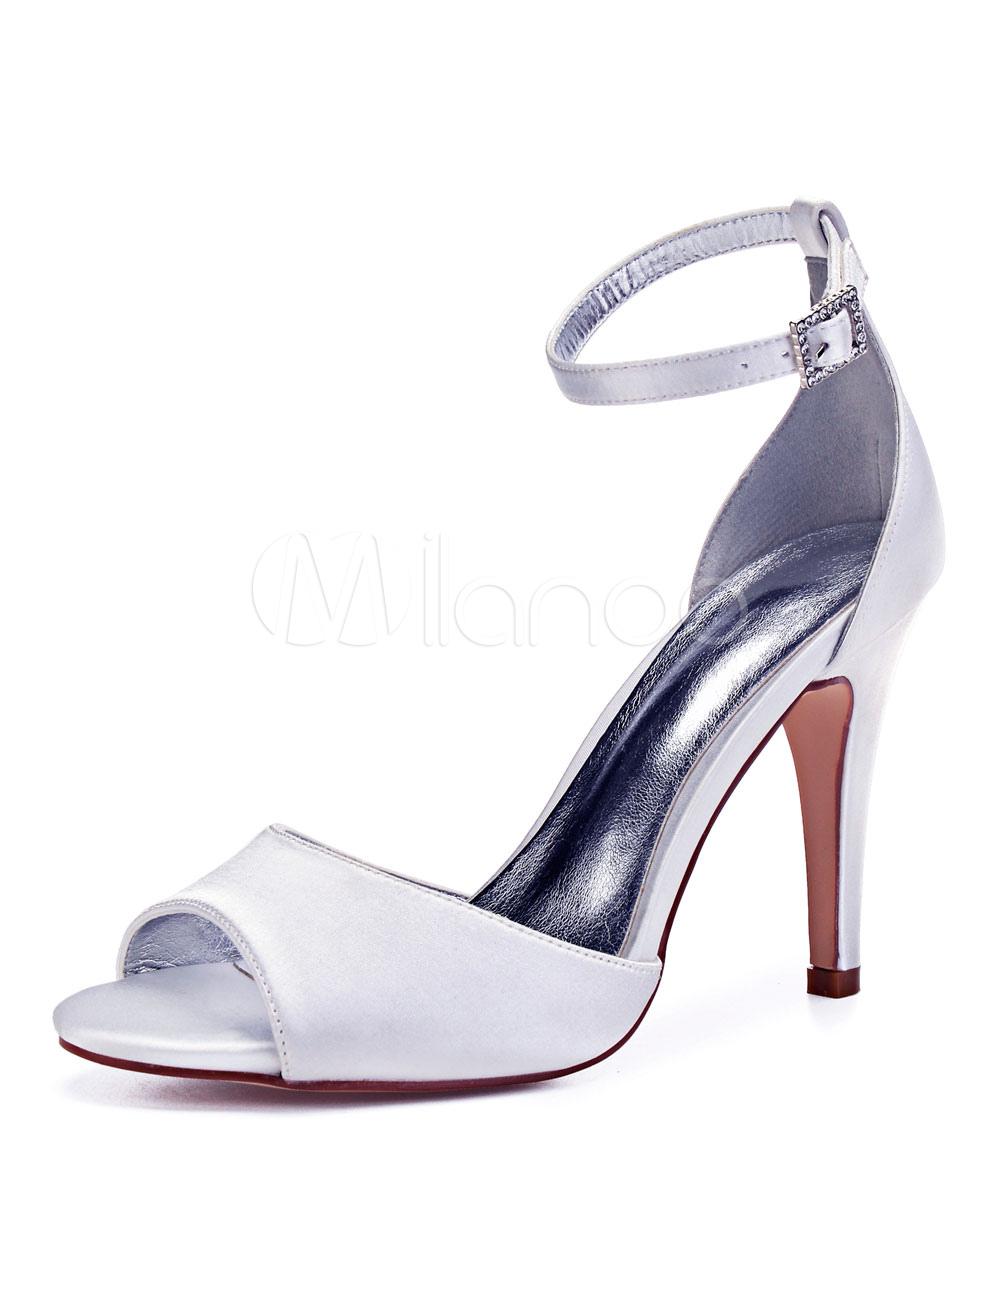 Mutter High Brautschuhe Satin Schuhe Toe Knöchelriemen Elfenbein Peep Hochzeit Heel P0Ow8nk